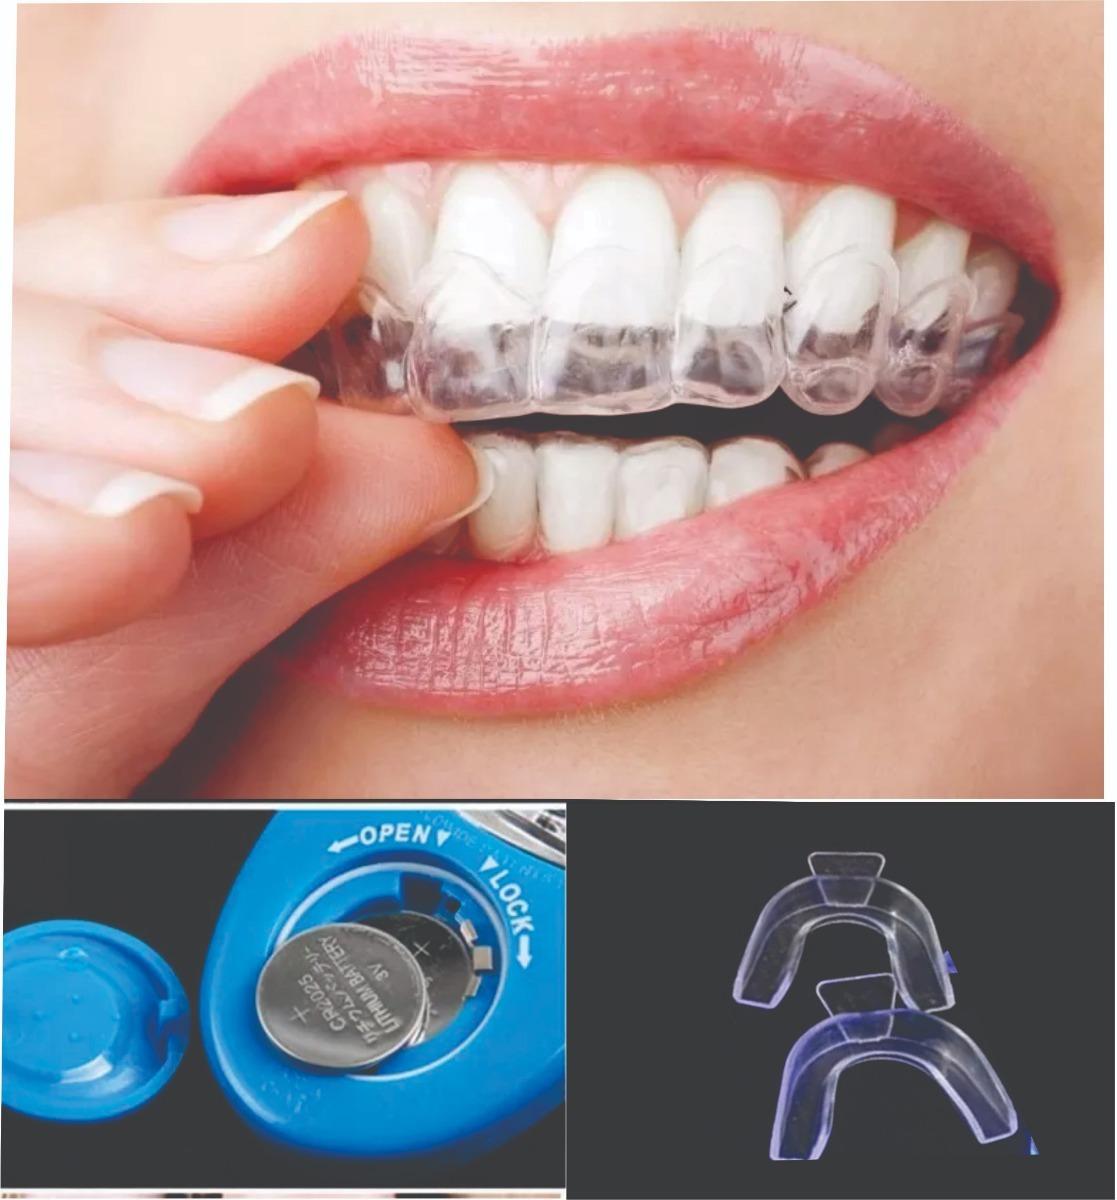 Kit Clareador Dental Com Gel Moldeira Led R 25 90 Em Mercado Livre